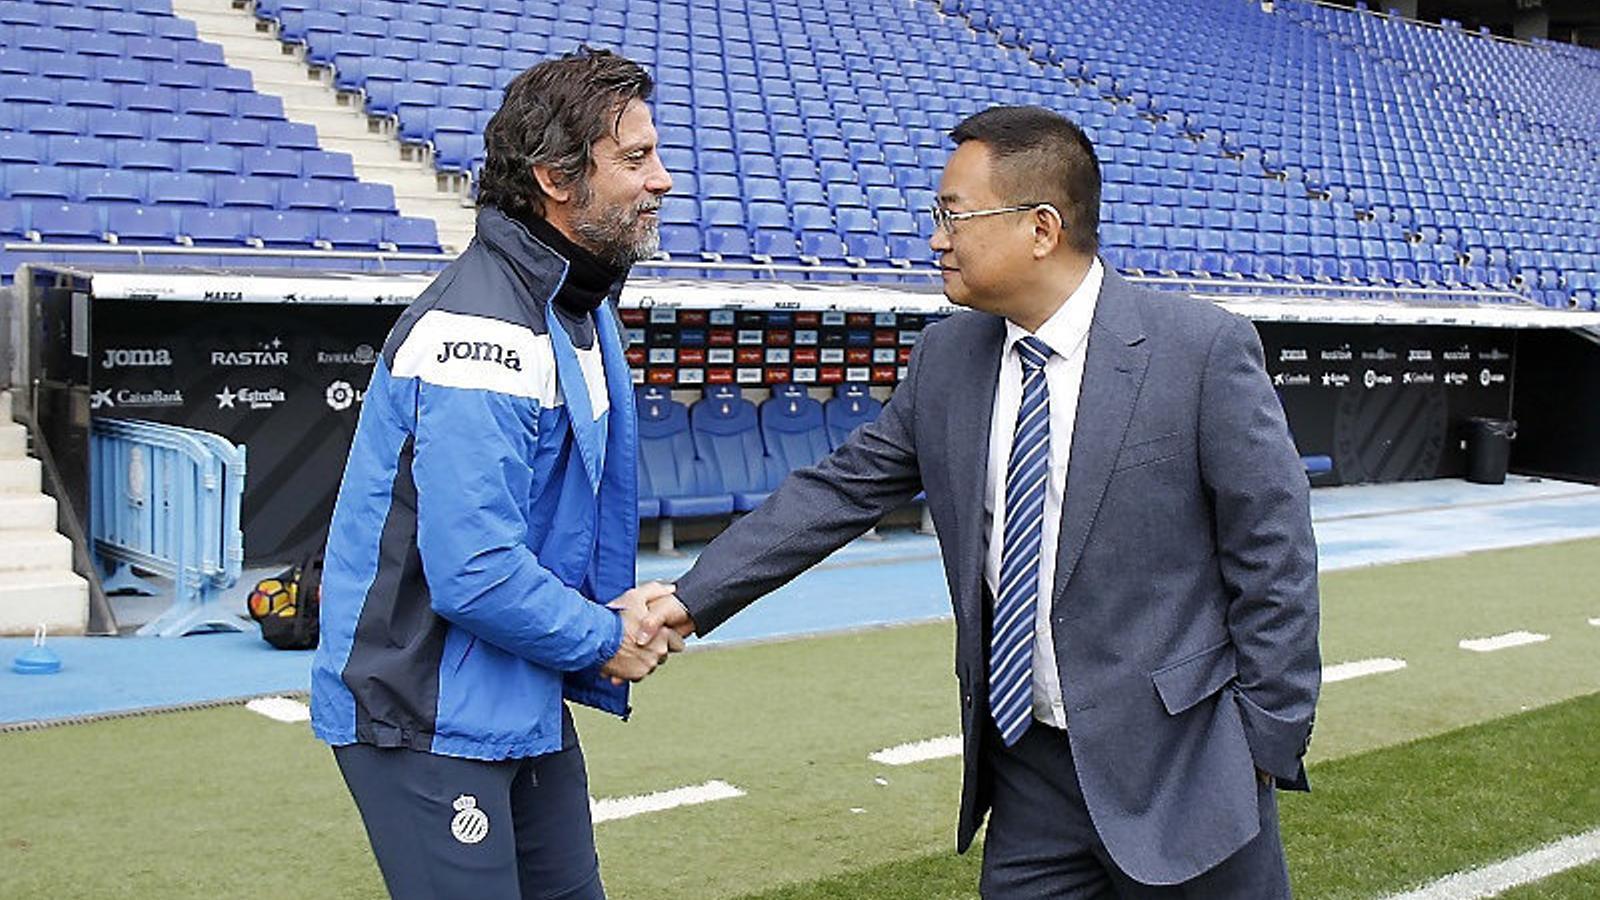 Chen Yansheng, president de l'Espanyol, saludant Quique Sánchez Flores, entrenador de l'equip blanc-i-blau.